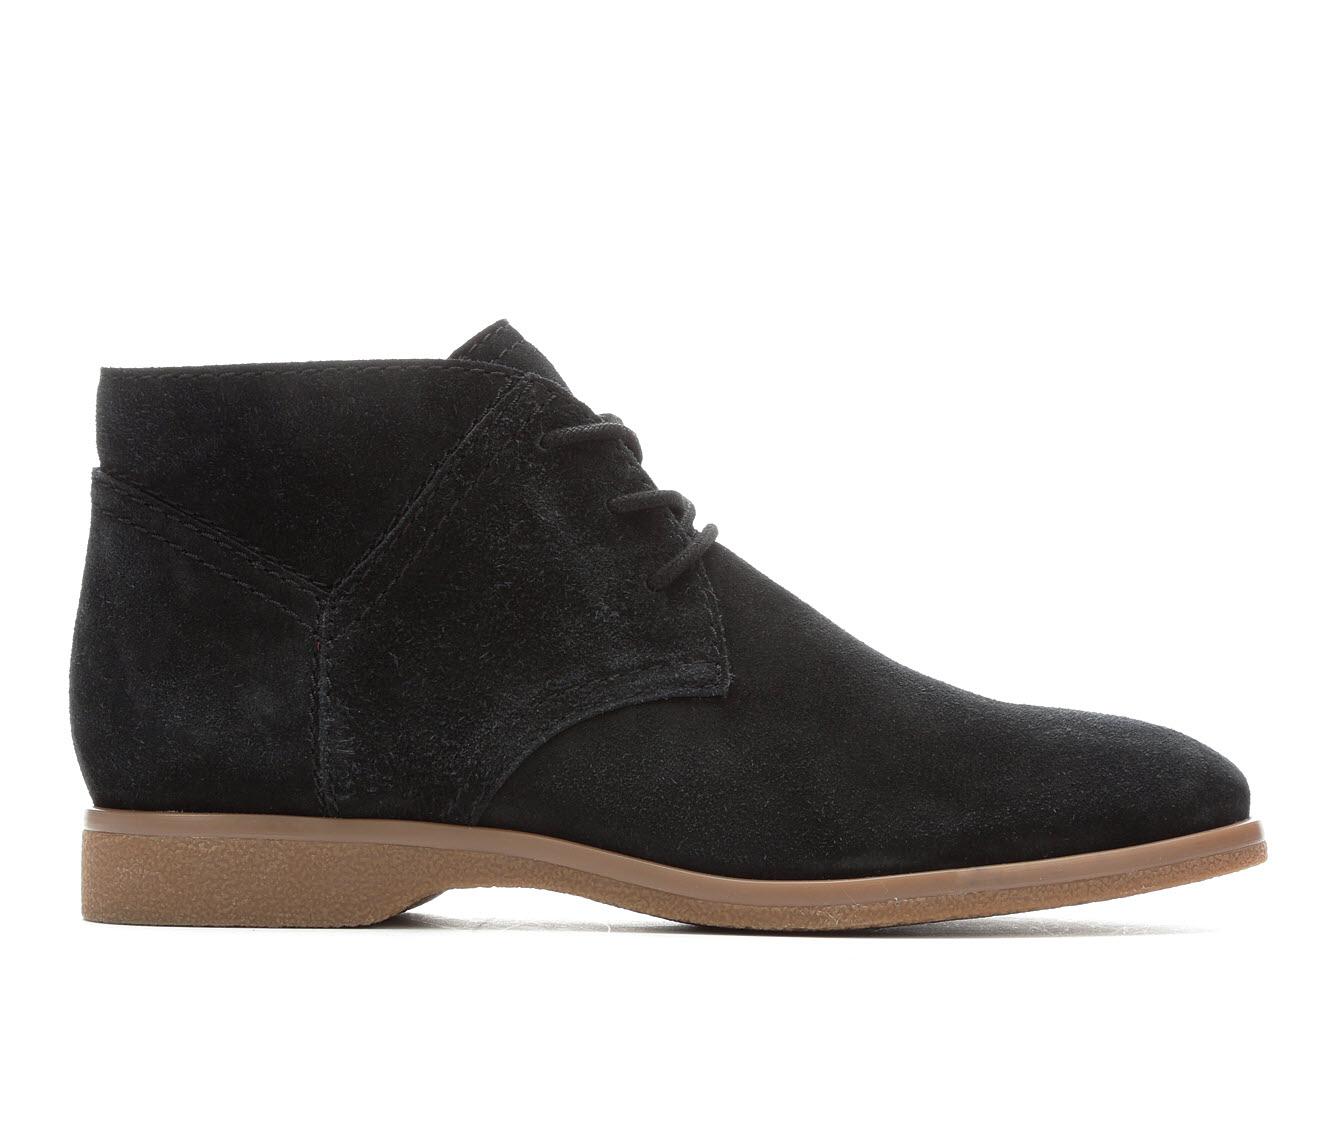 Franco Sarto Percy Women's Boot (Black Suede)